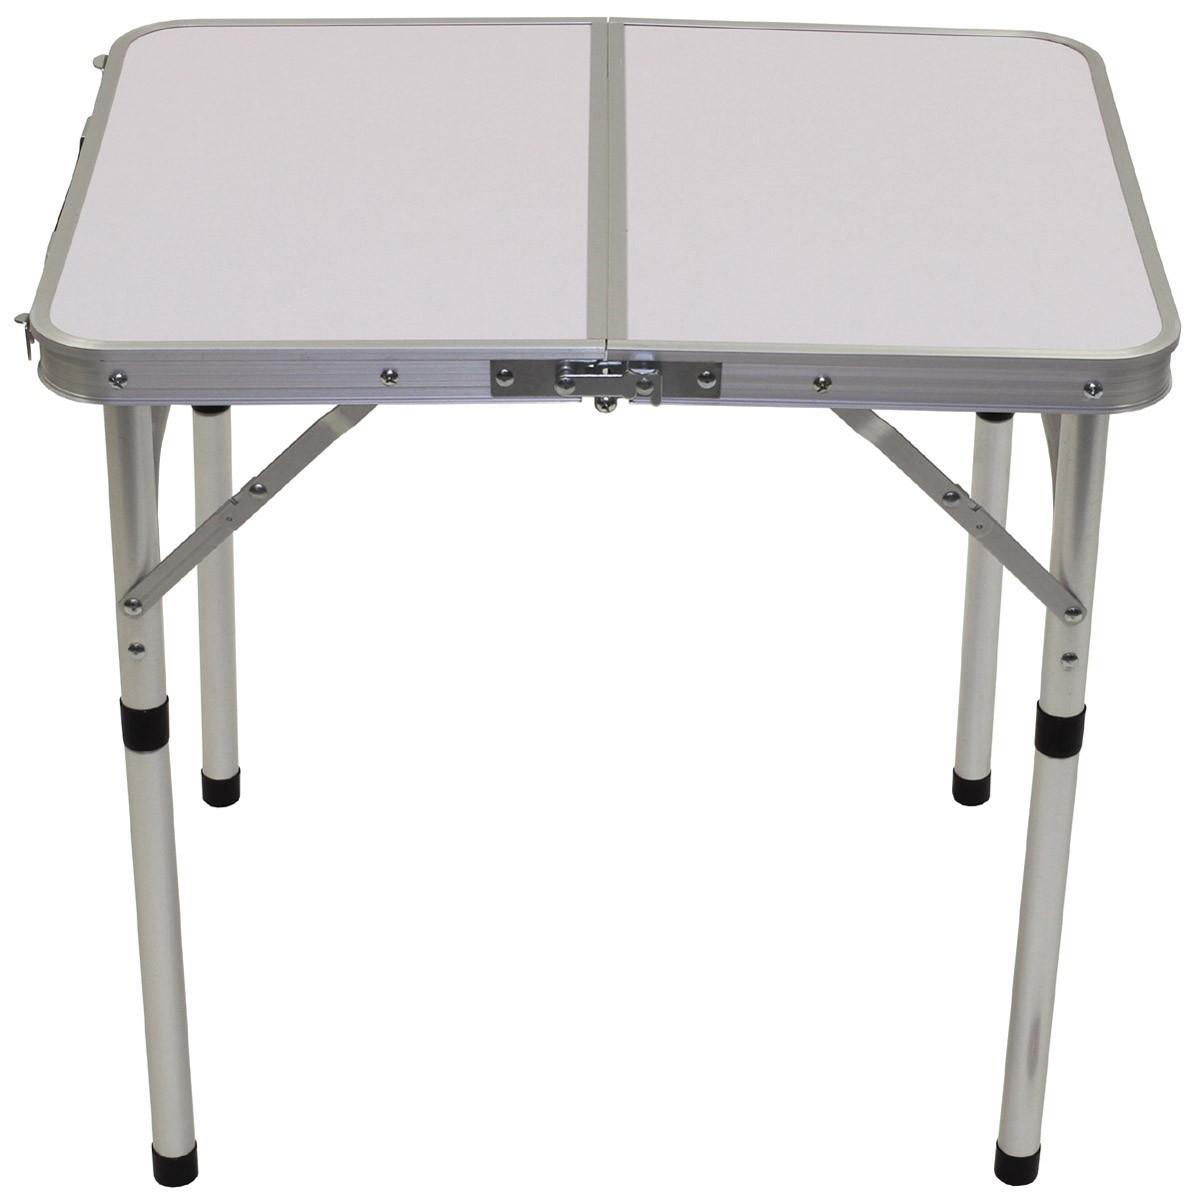 Alu Tisch Klappbar.Camping Tisch Klappbar Alu Tragegriff 60x45x55 Cm Campingtisch